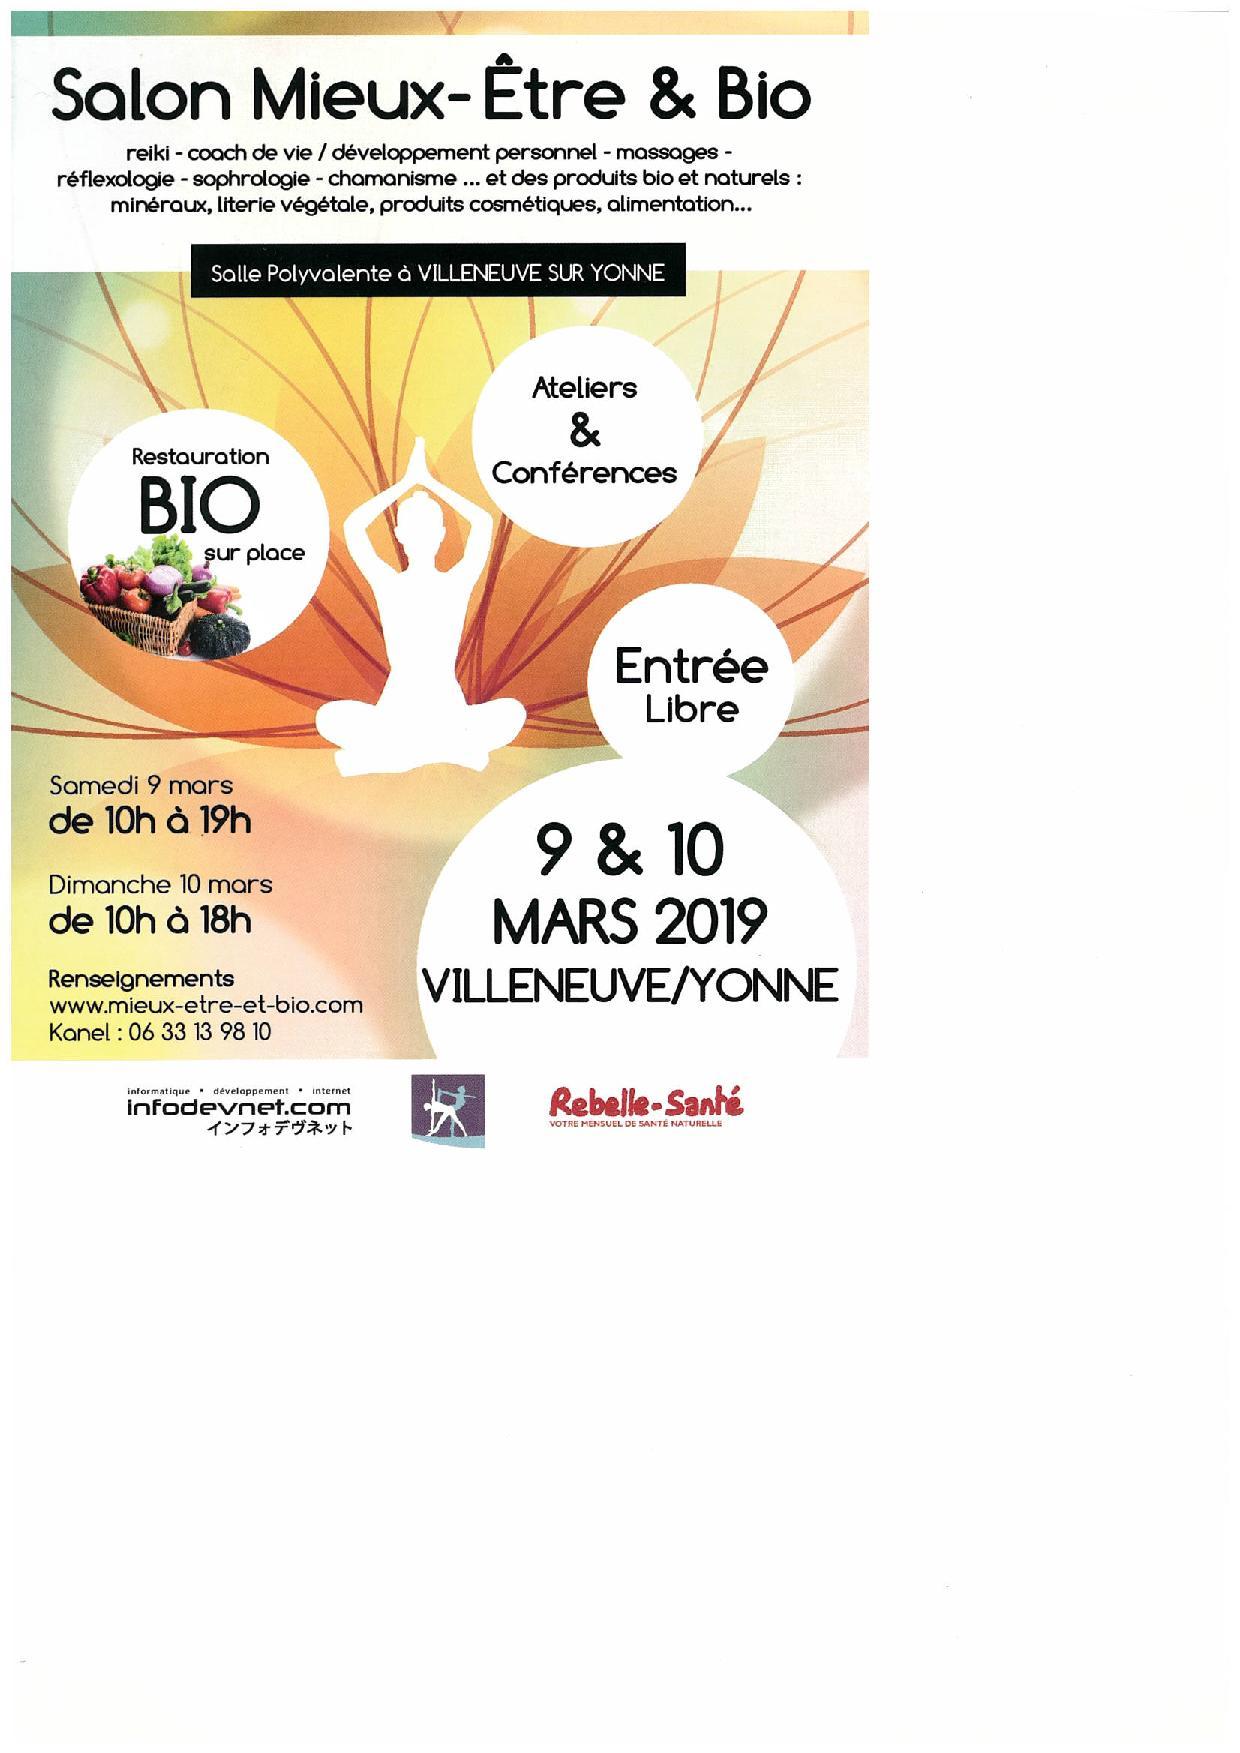 Salon Mieux-être et Bio / Salle Polyvalente - Villeneuve-sur-Yonne ...